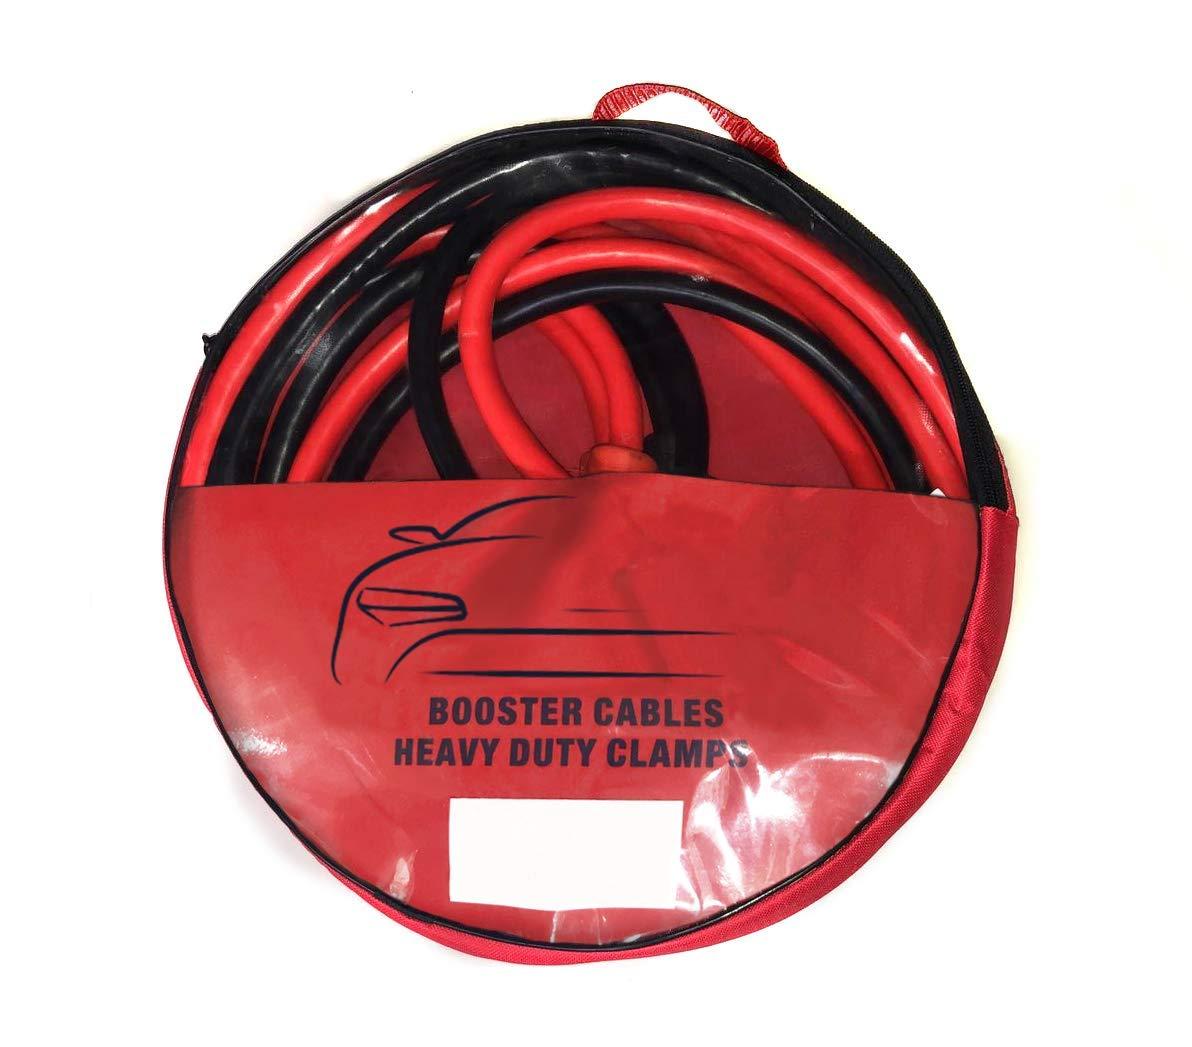 Asc 5m 2000A Cables Arranque,Cables Pasacorriente,Resistente Pinzas, para Gasolina & Diésel Incluye Bolsa/Estuche de Almacenamiento